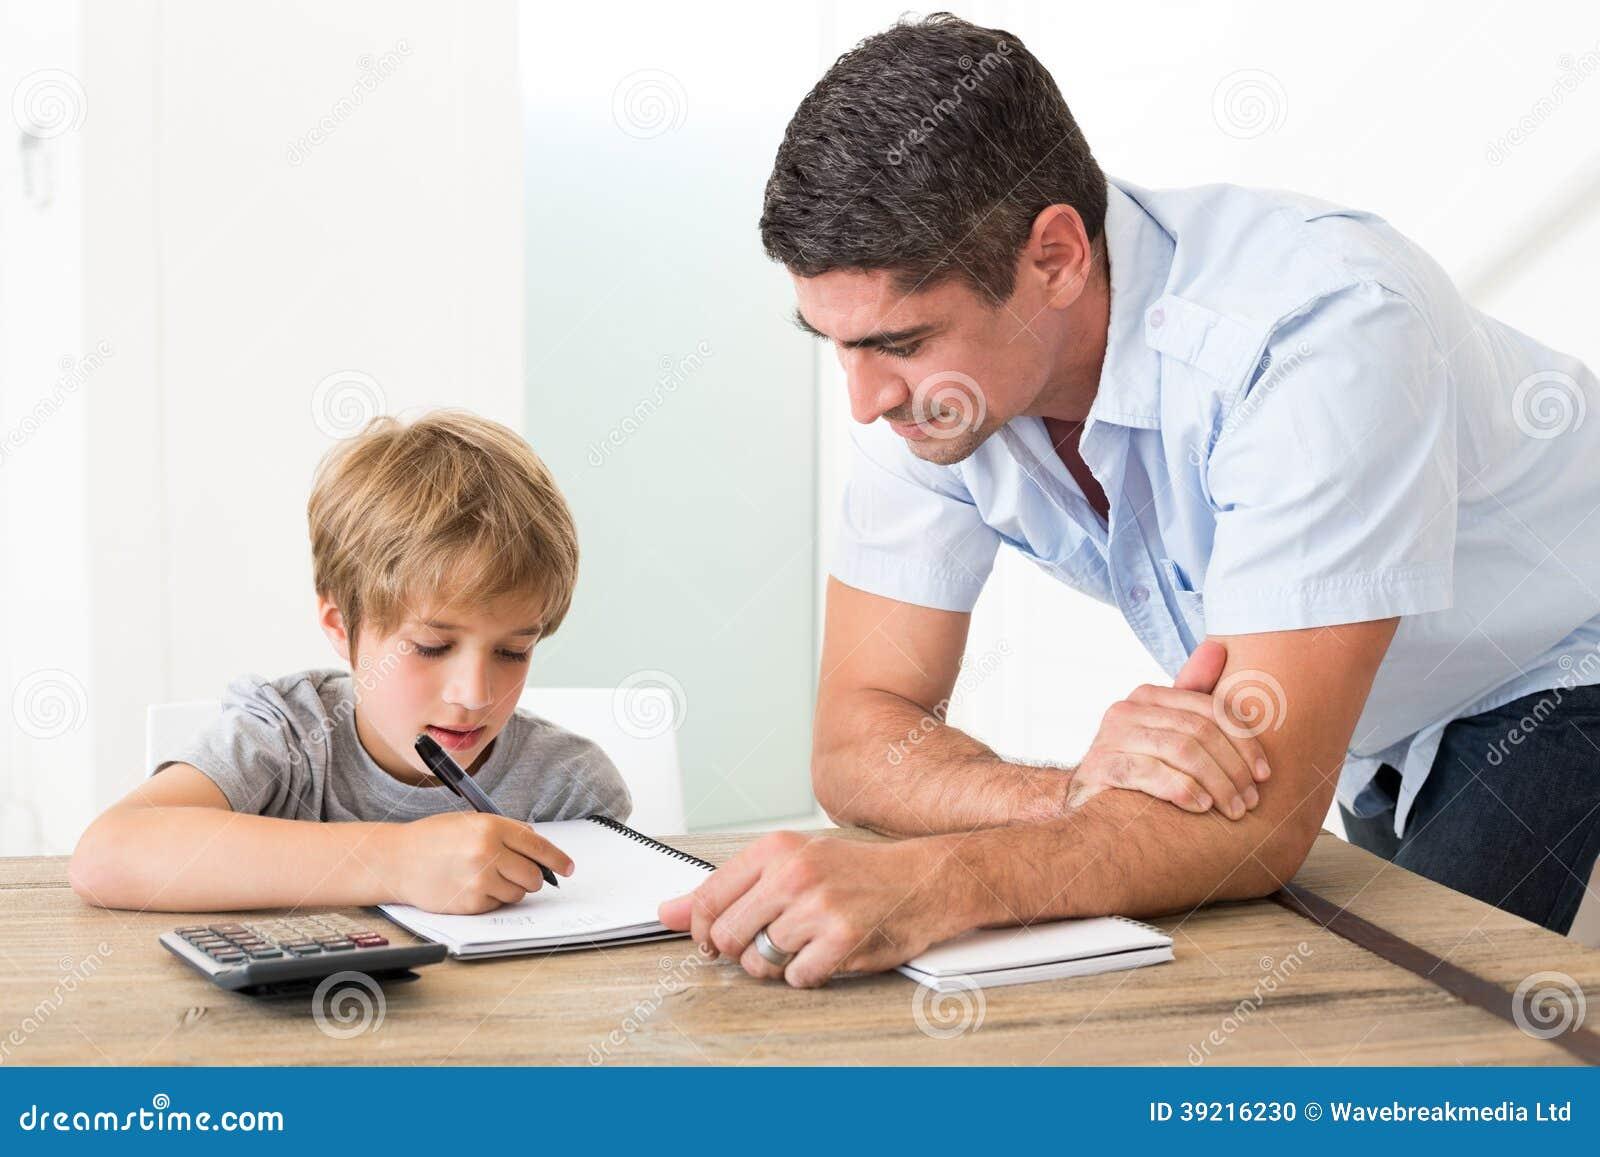 Zoon die thuiswerk doen terwijl vader die gereed staan